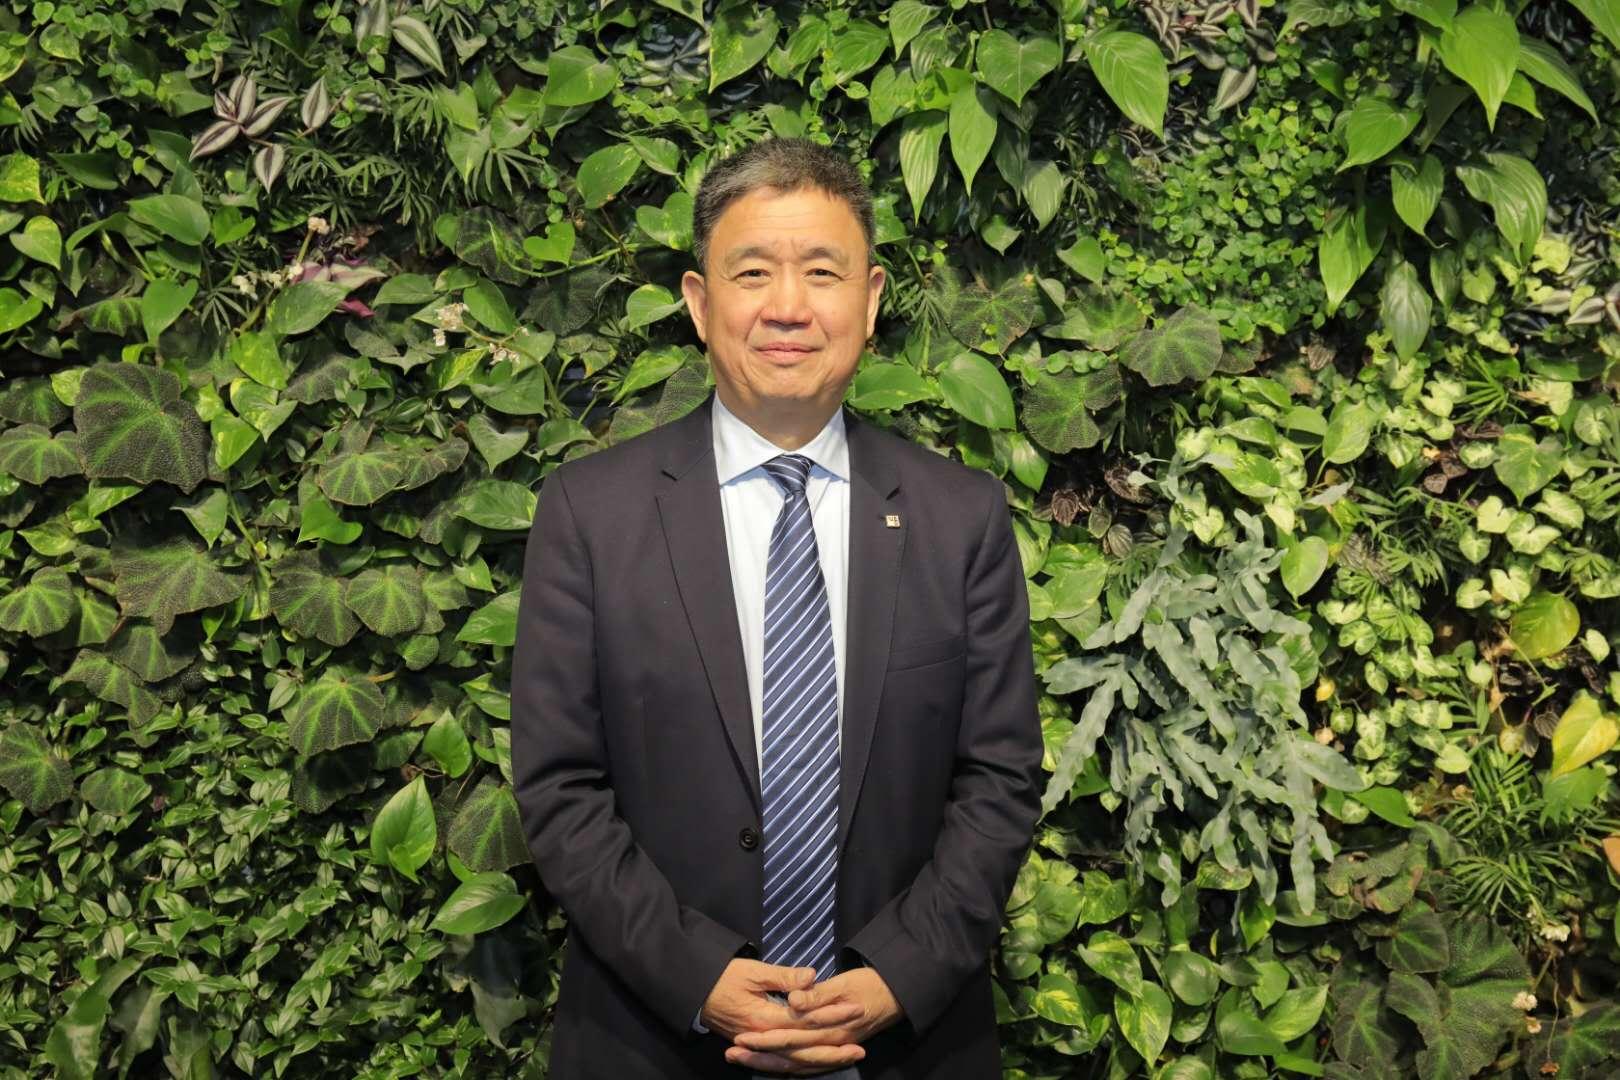 王振耀:如何认识中国特色的慈善事业?